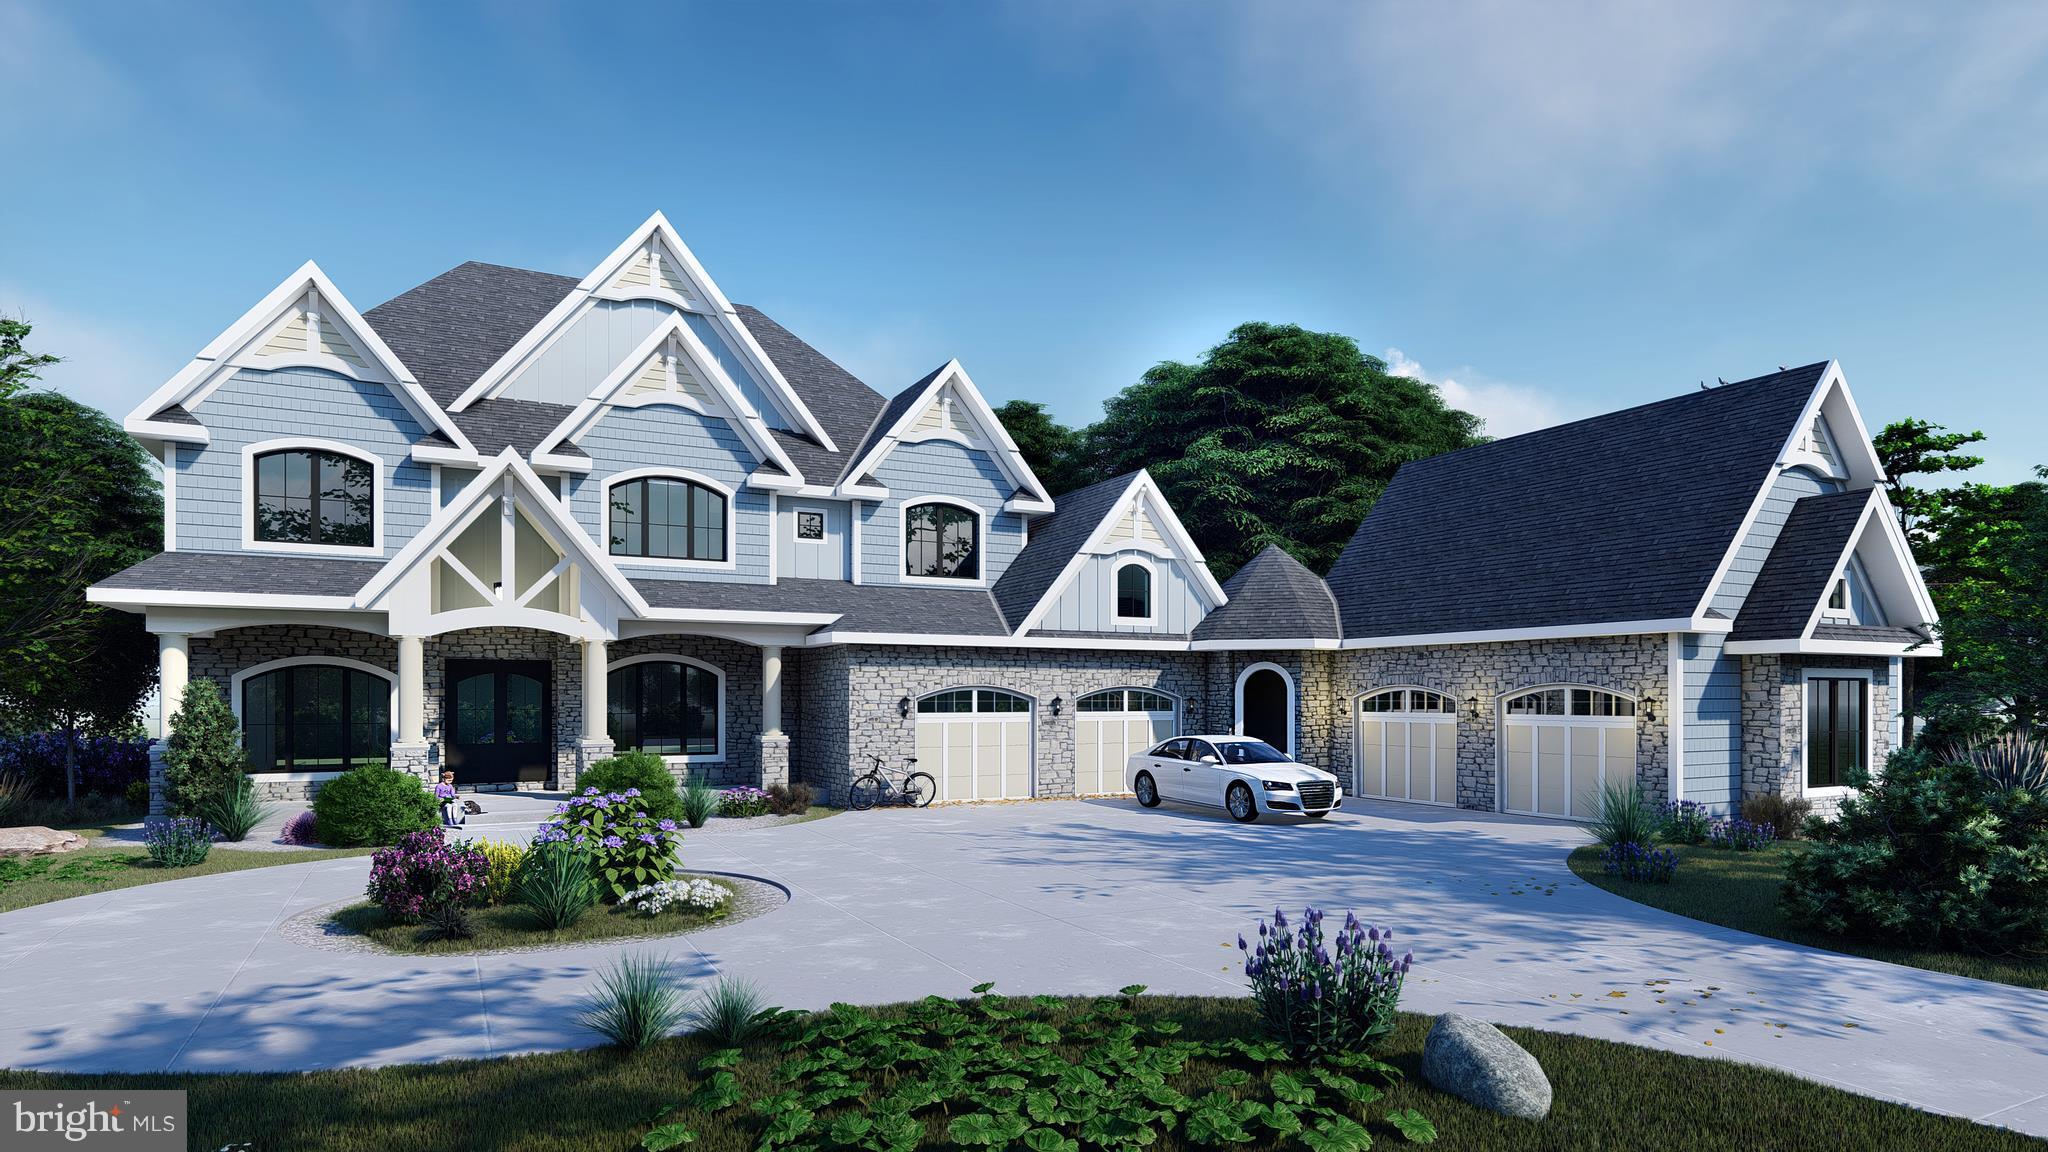 6410 NEWMAN, CLIFTON, VA 20124